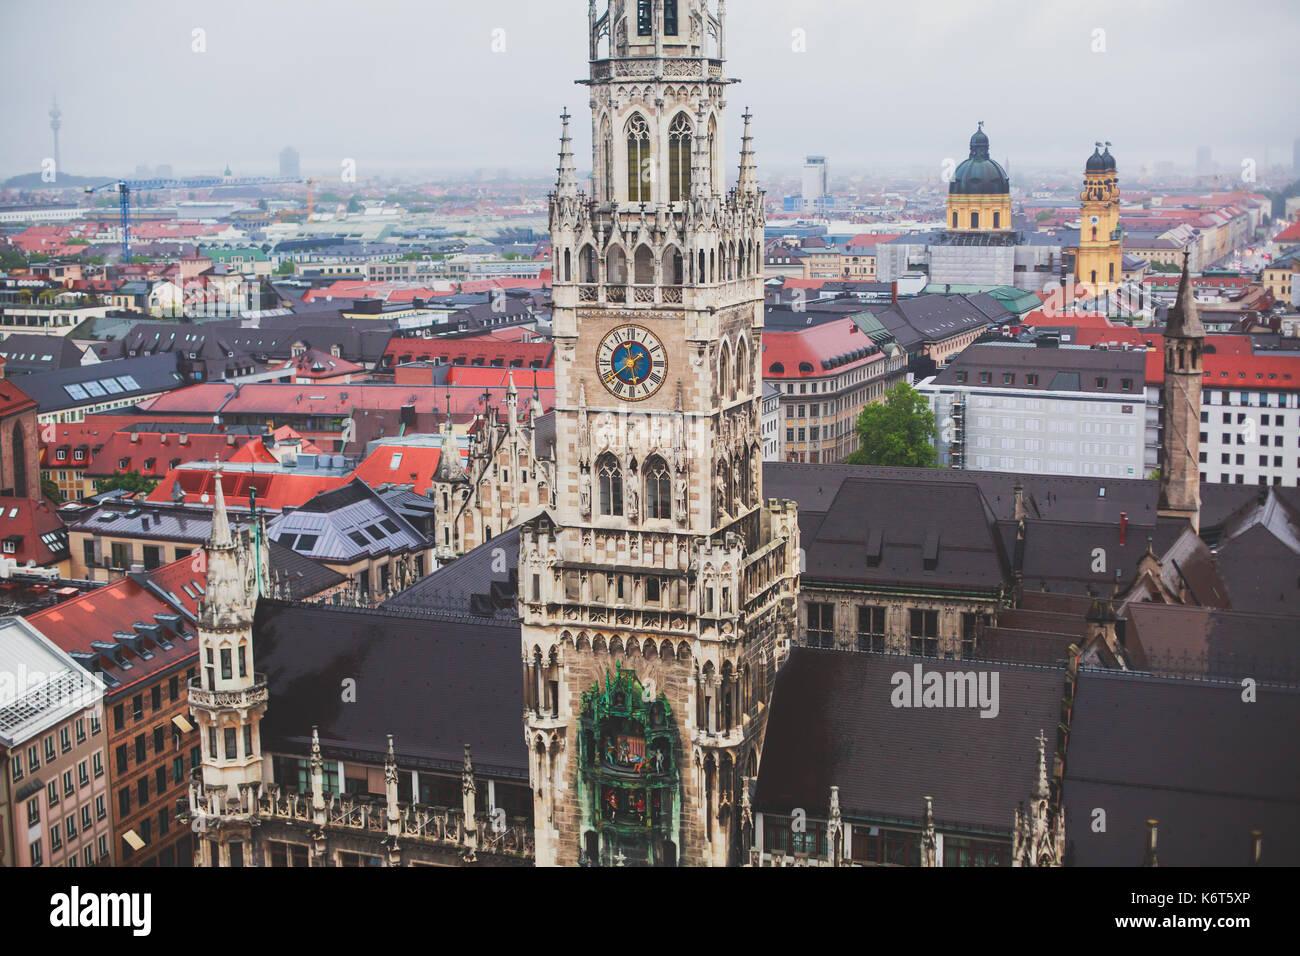 Schöne super Weitwinkel- sonnige Luftaufnahme von München, Bayern, Bayern, Deutschland mit Skyline und die Landschaft ausserhalb der Stadt, aus der Beobachtung gesehen d Stockbild